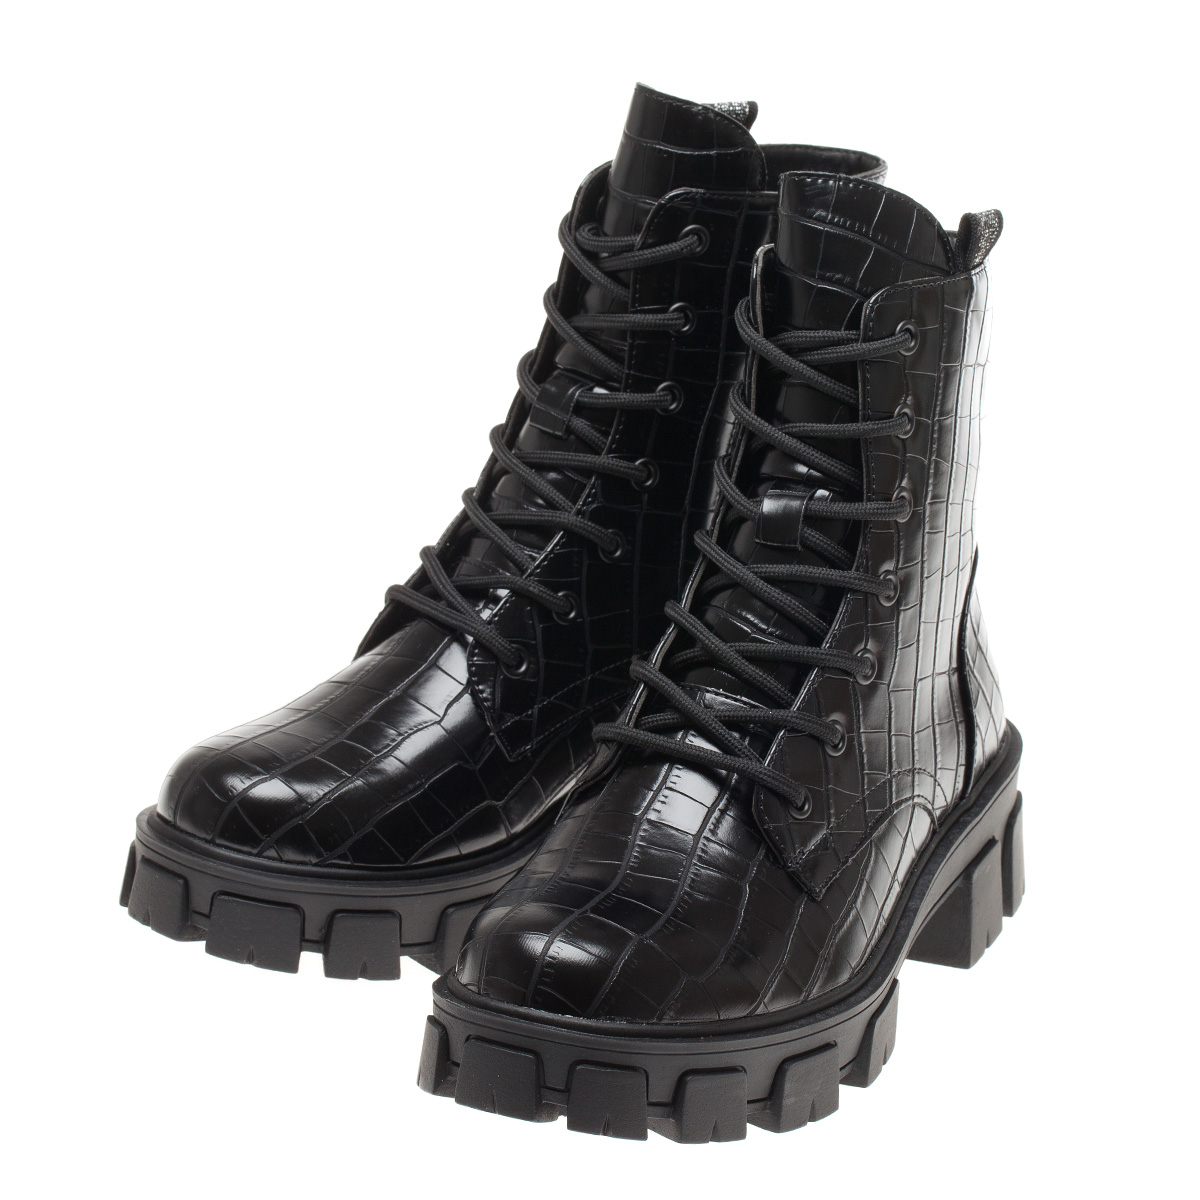 Ботинки демисезонные FERTO, D19-7687-5